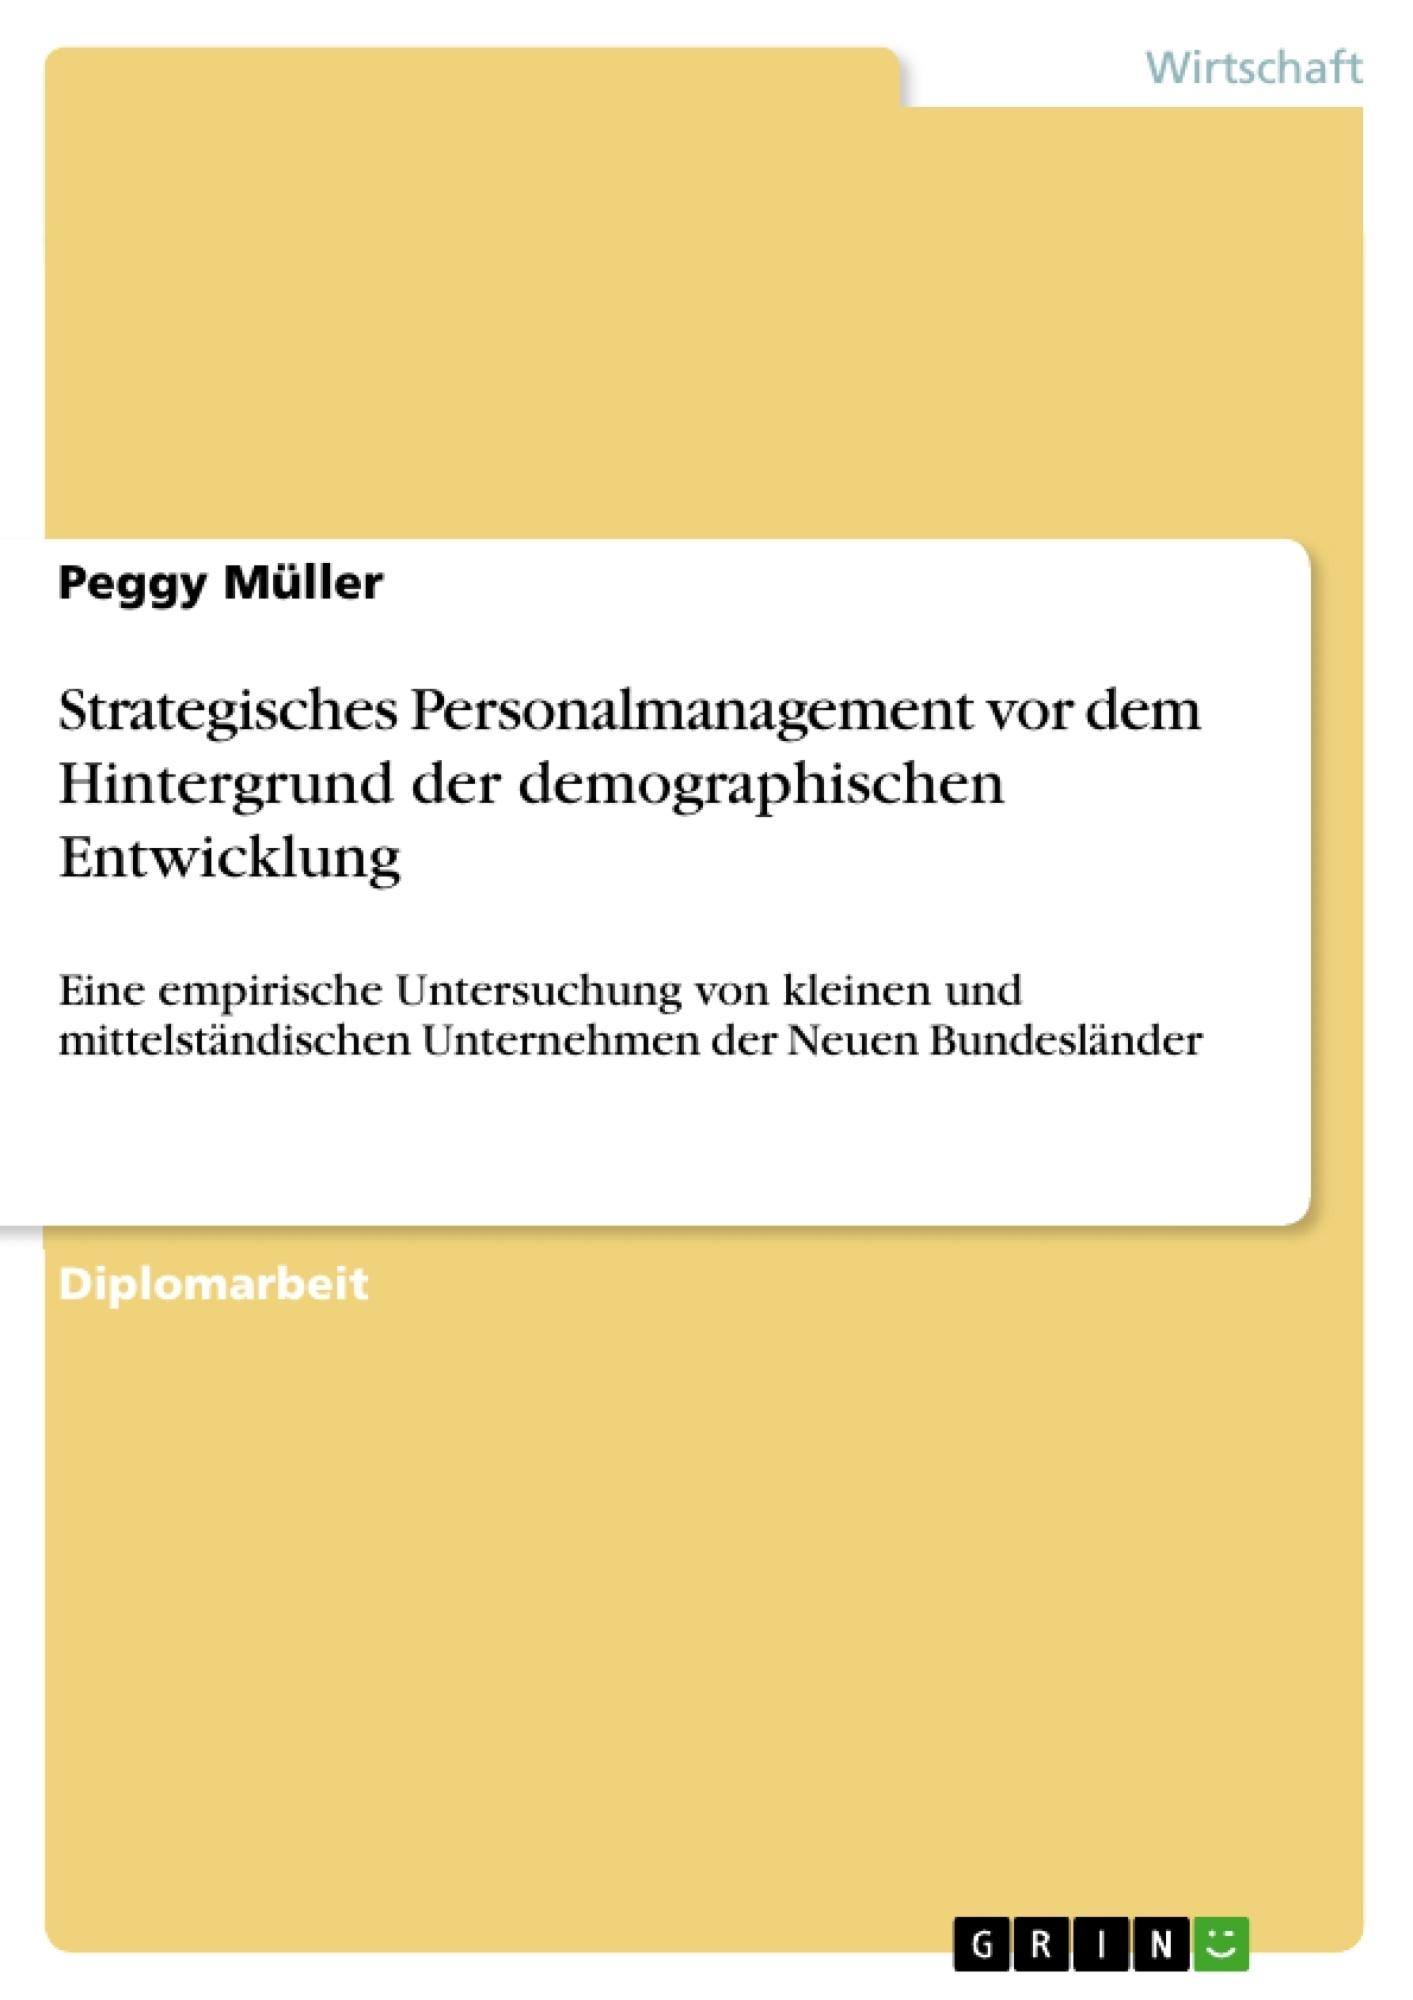 Titel: Strategisches Personalmanagement vor dem Hintergrund der demographischen Entwicklung